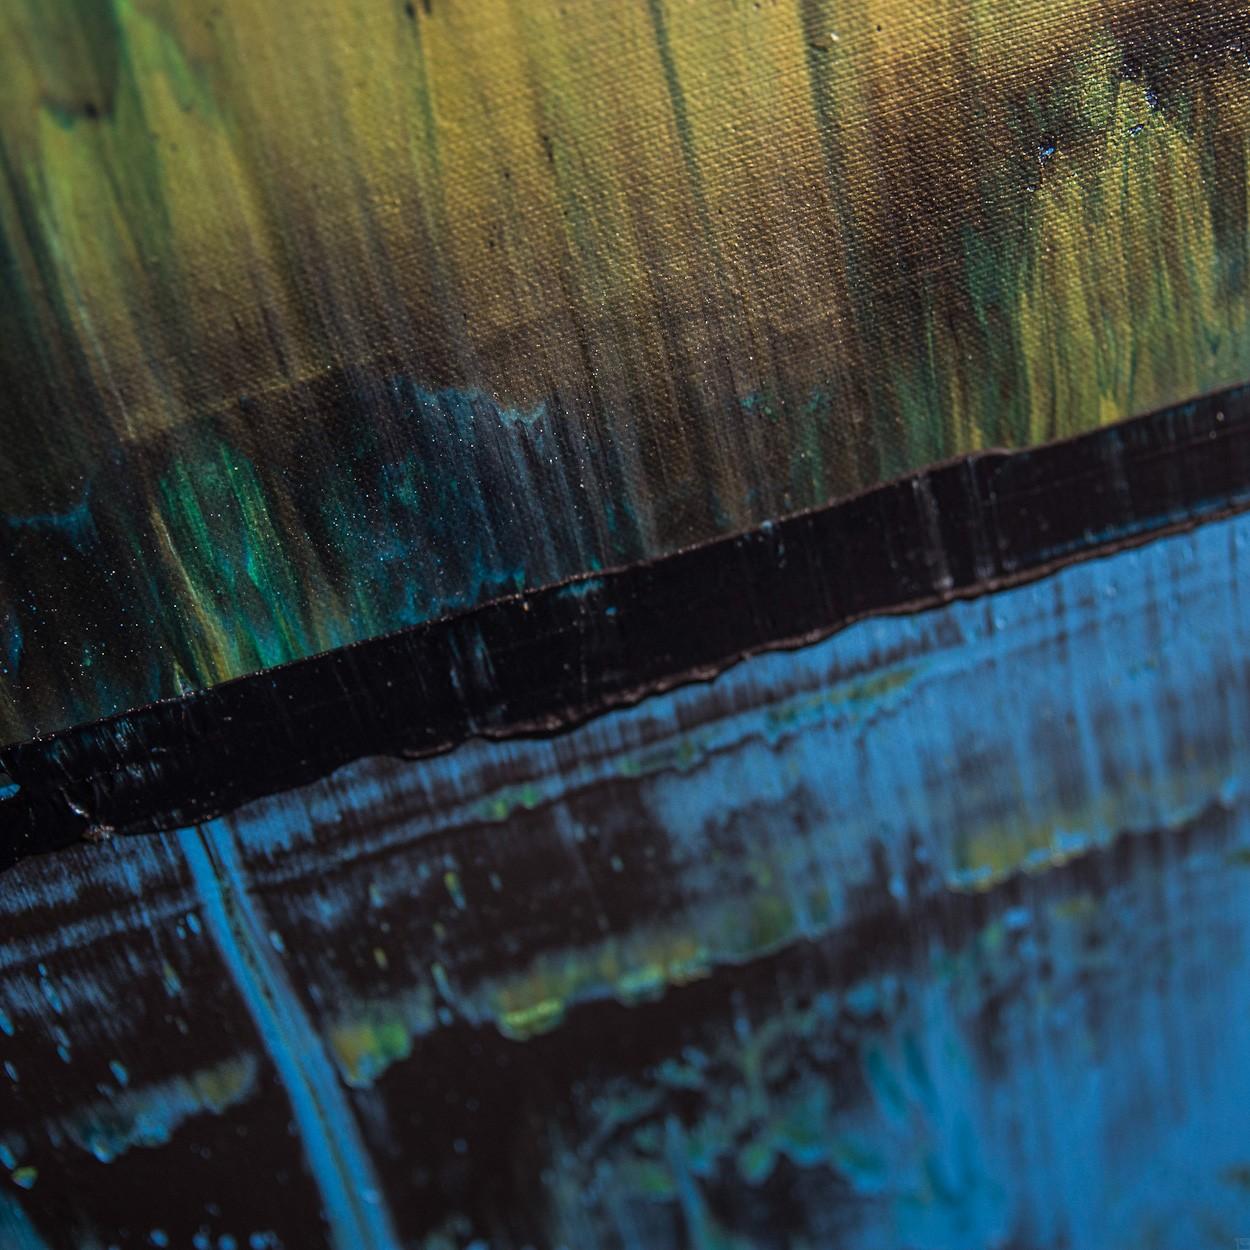 Prisma 6 - Kleiner Fluss,Detail | Malerei von Lali Torma | Acryl auf Leinwand, abstrakt